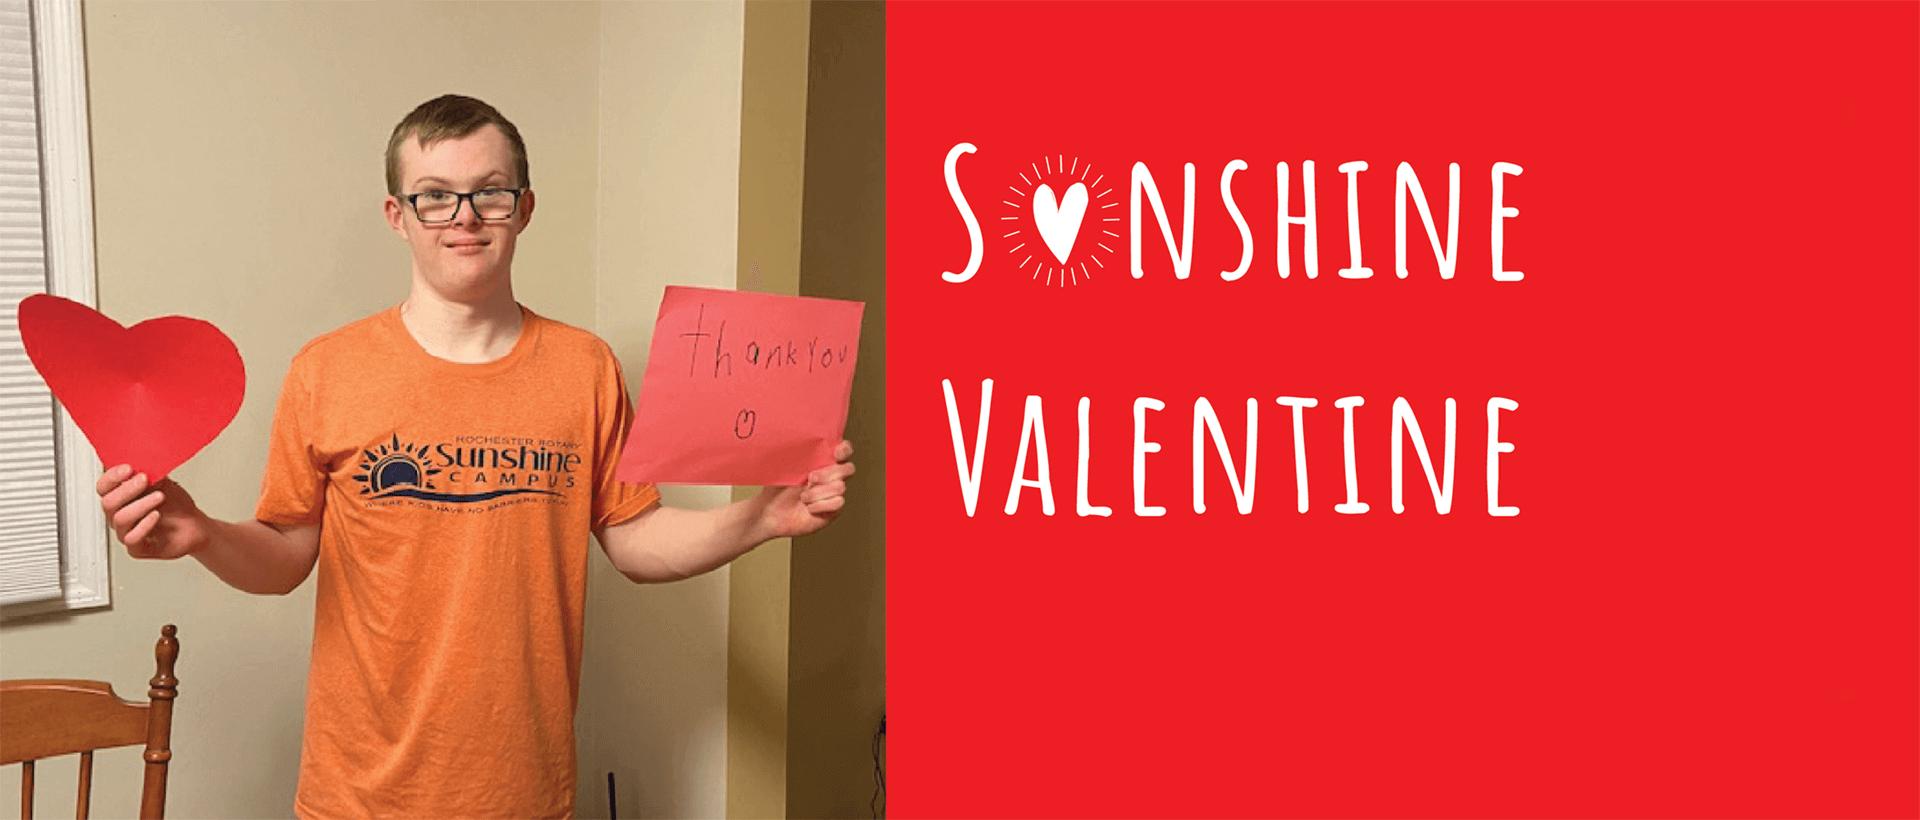 Sunshine Valentine banner